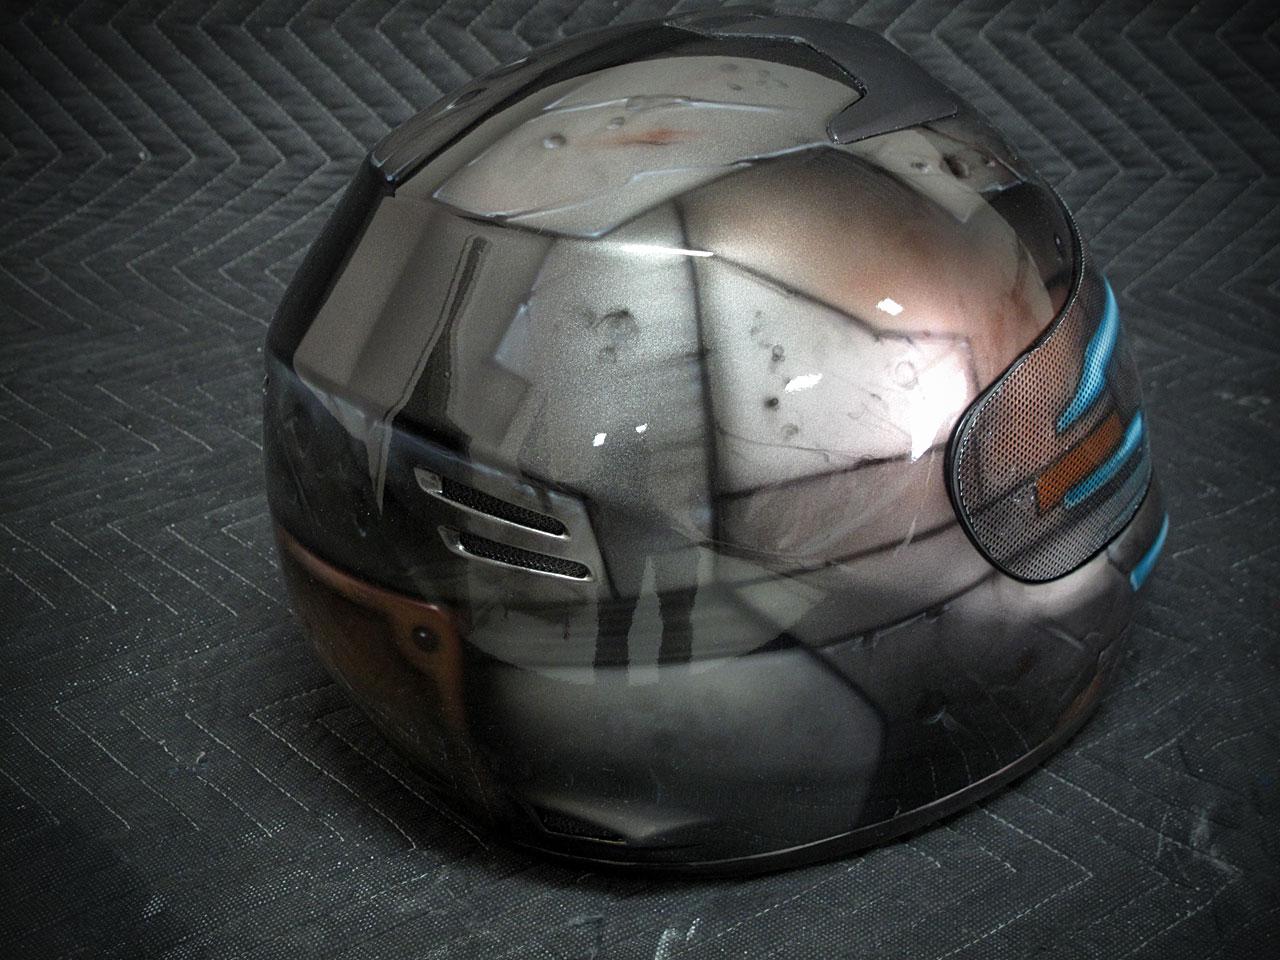 Dead Space Motorcycle Helmet Is A Work Of Art